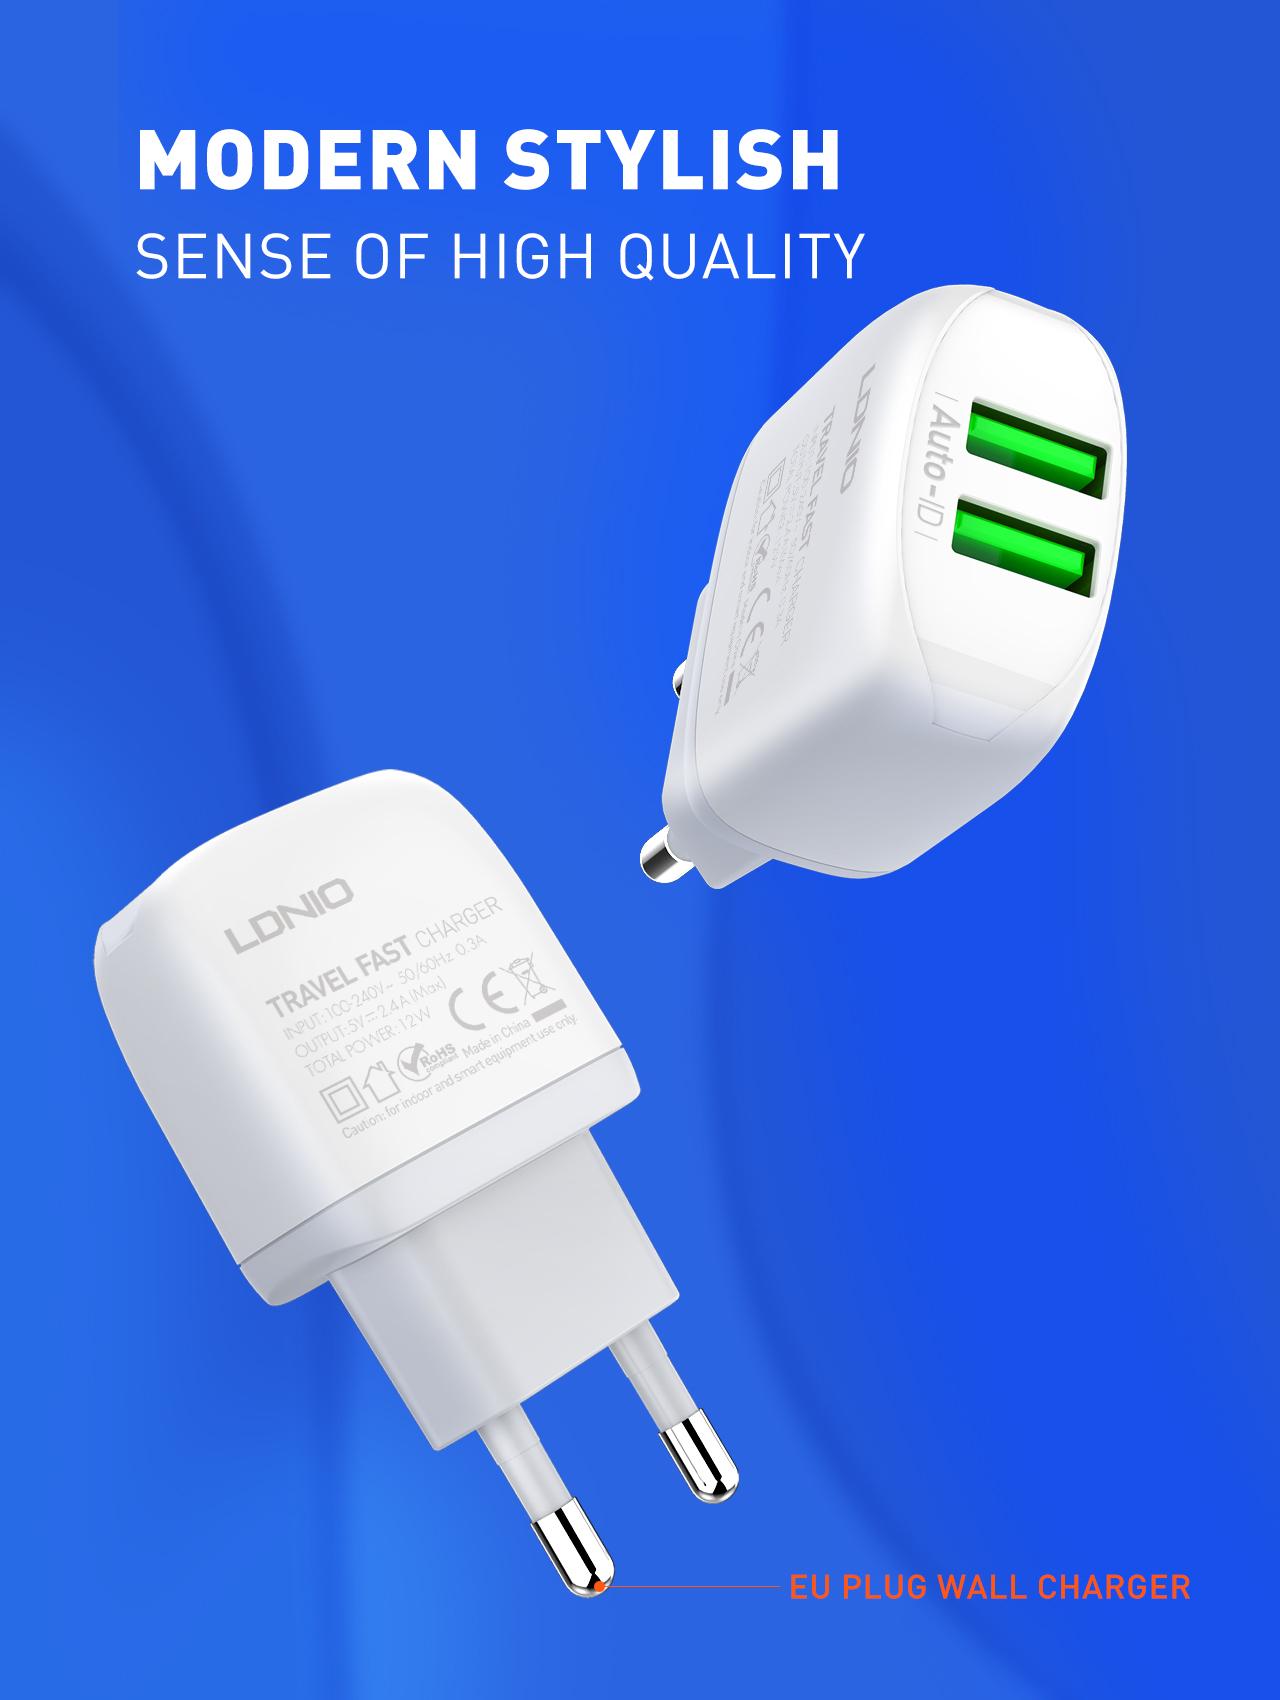 LDNIO A2219 2.4A Pengisi Daya Dinding, Pengisi Daya Cepat Colokan EU USB Dua untuk Ponsel/iPhone 12